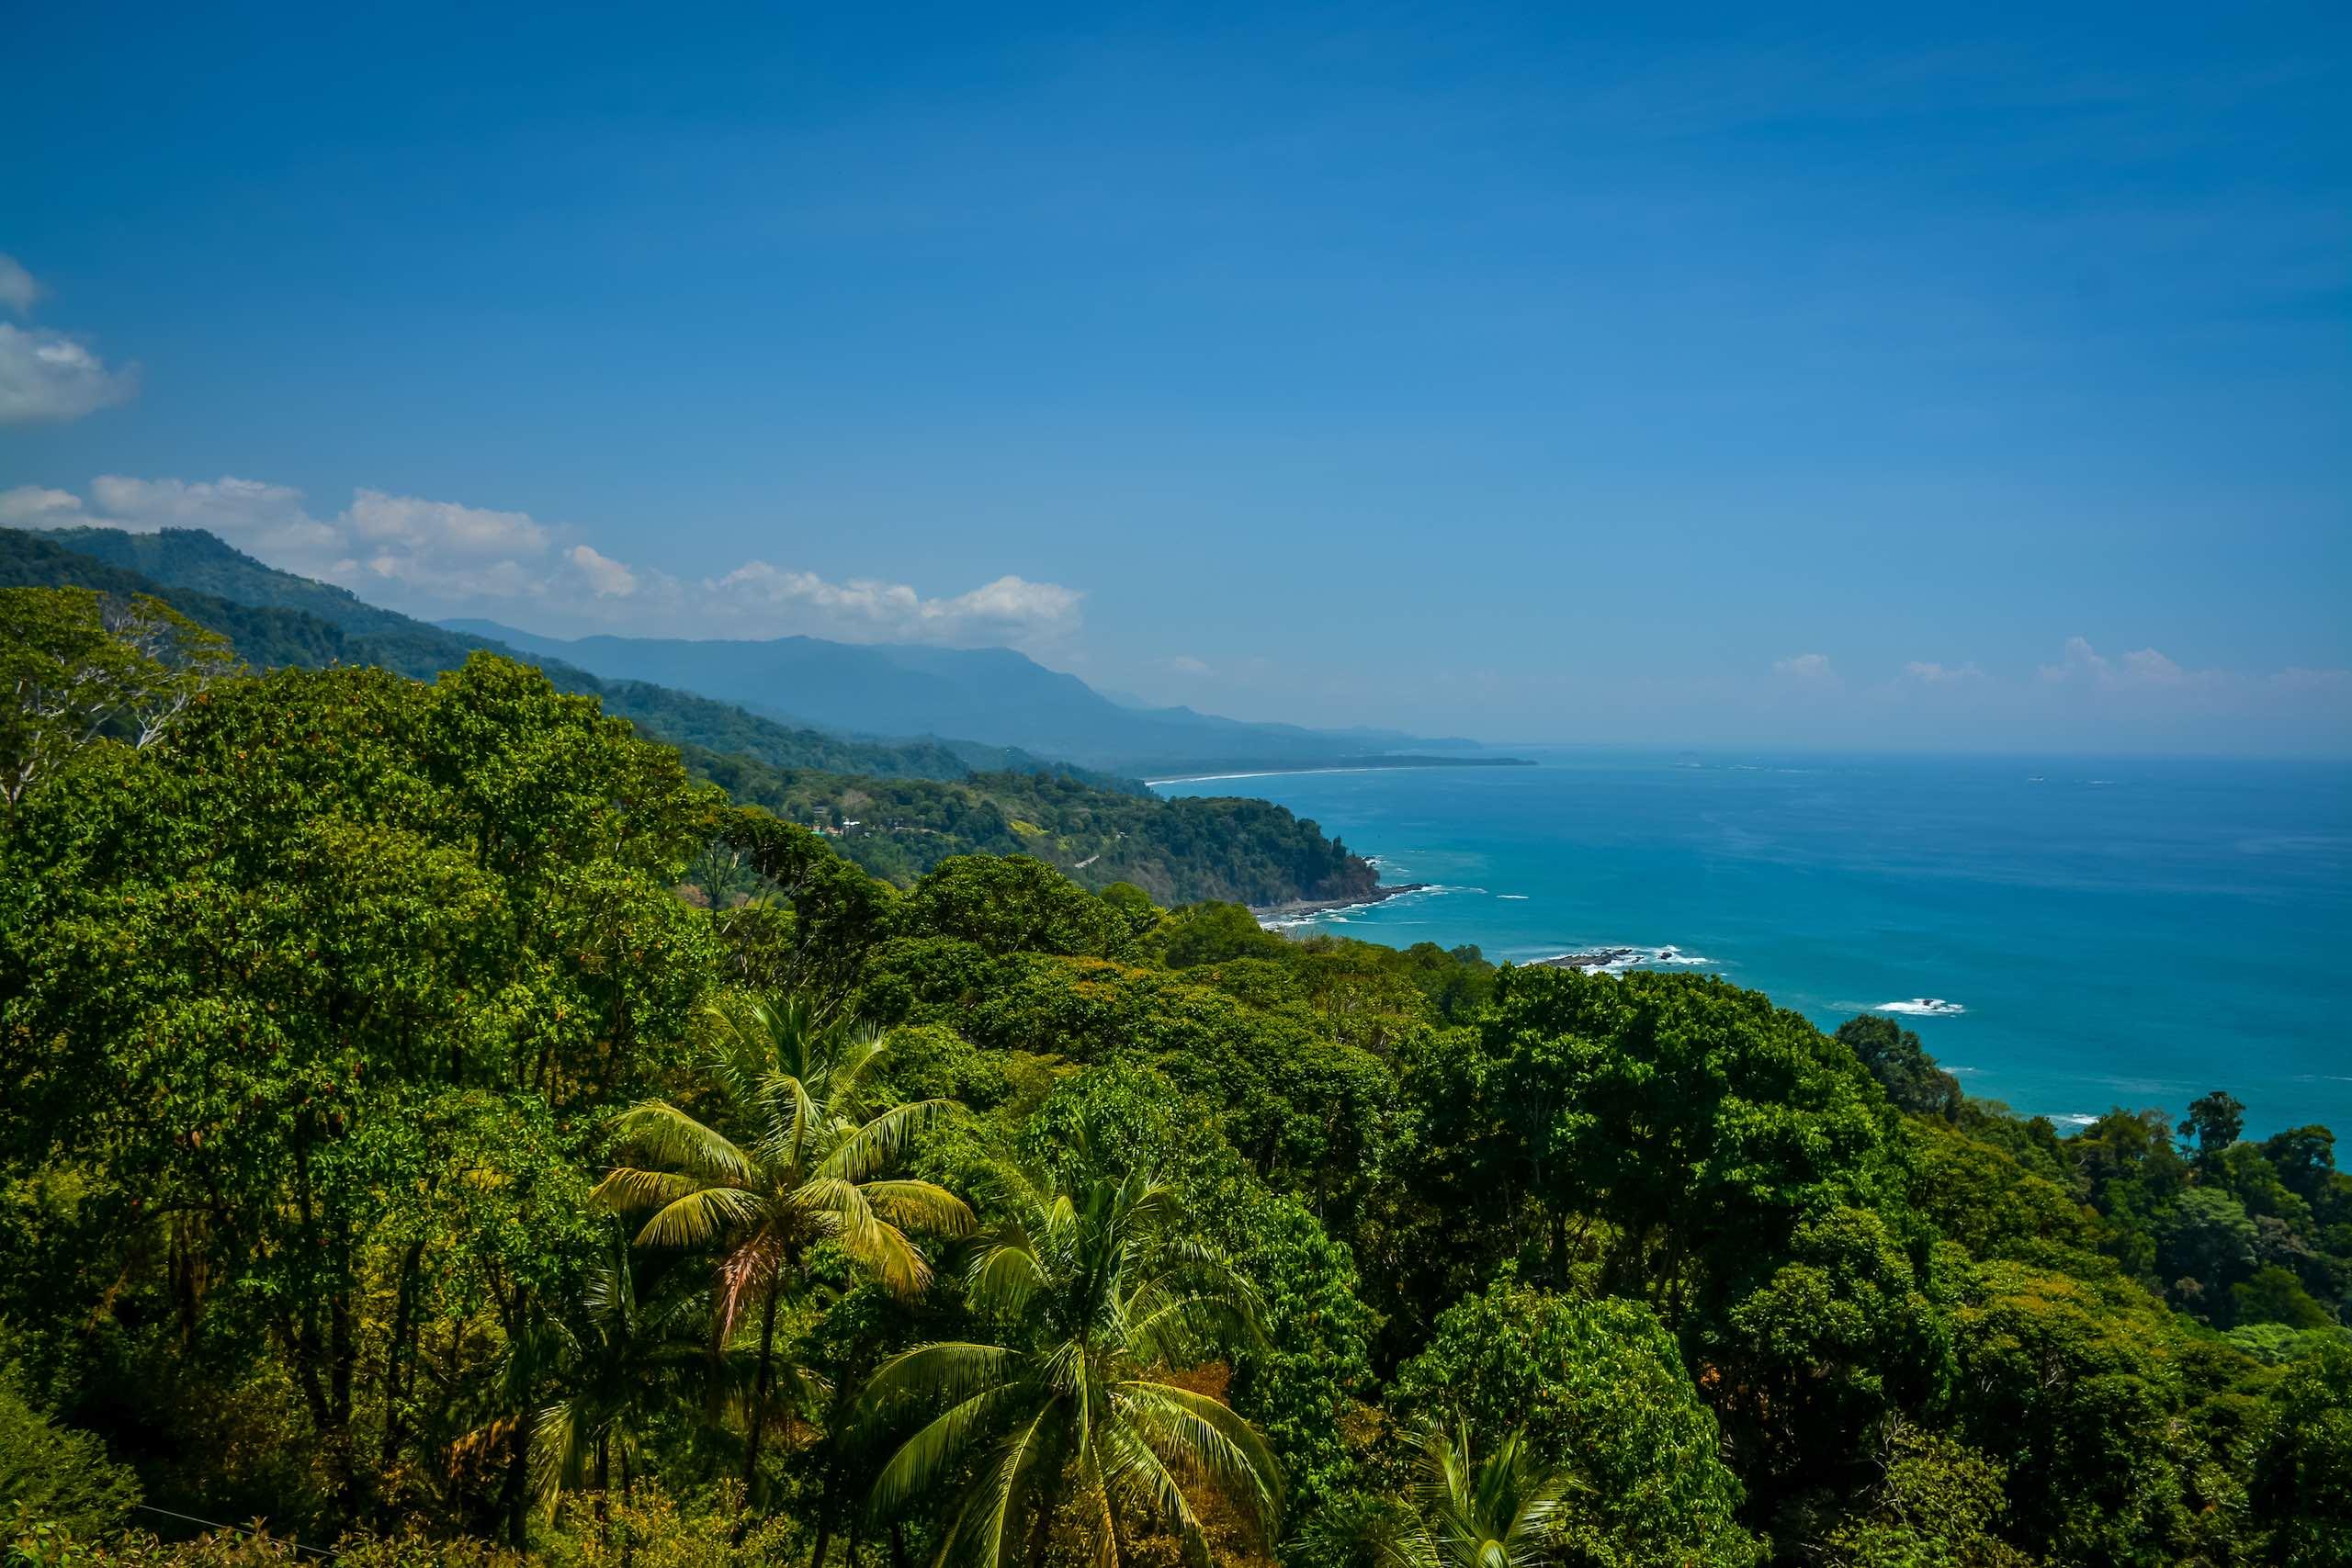 Costa Ballena Costa Rica